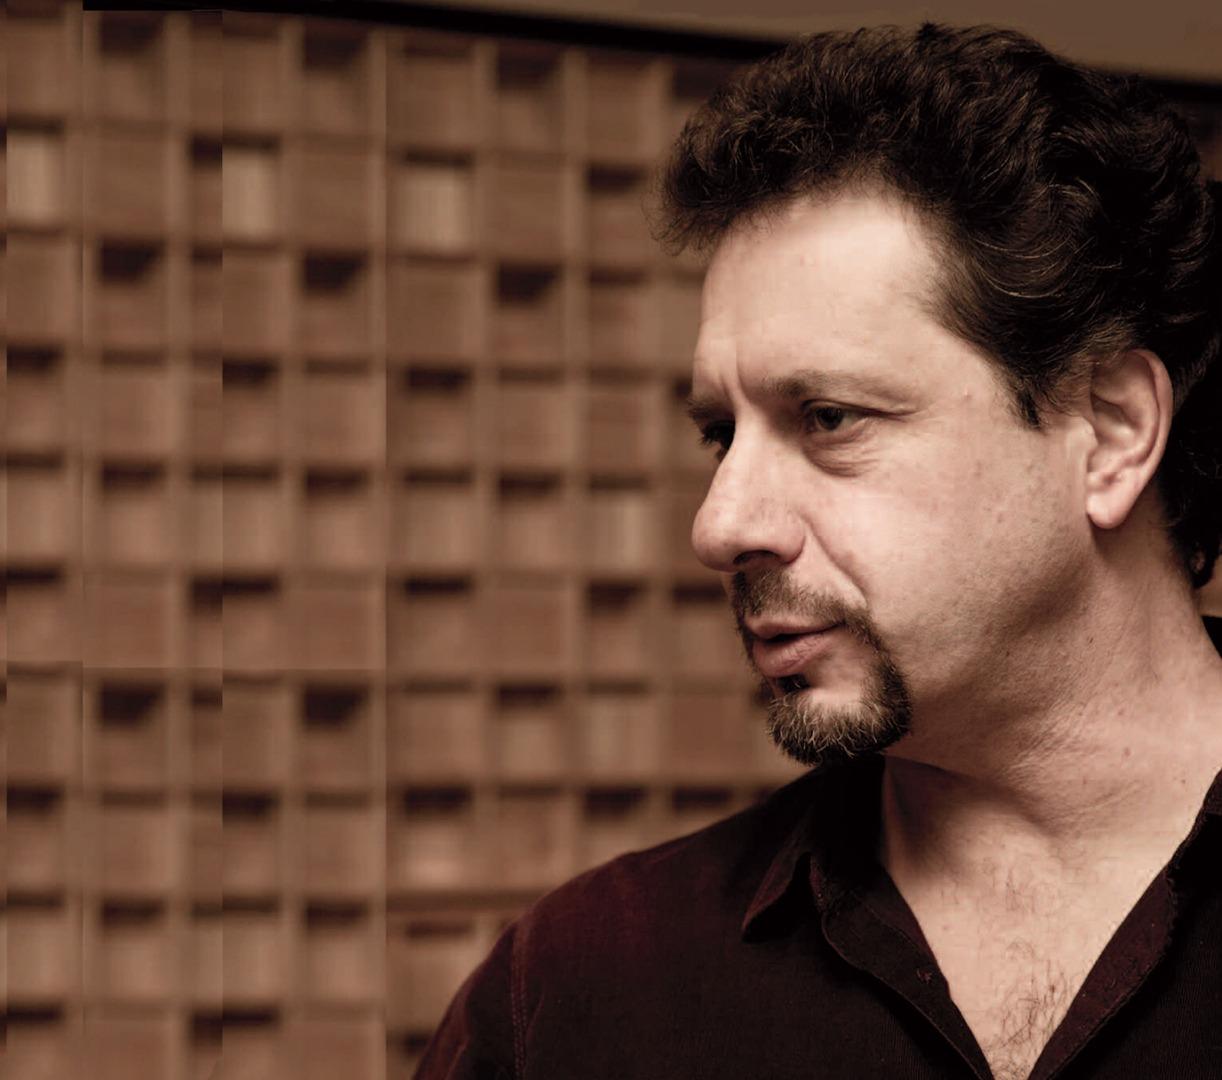 Keyboardist Bill Heller